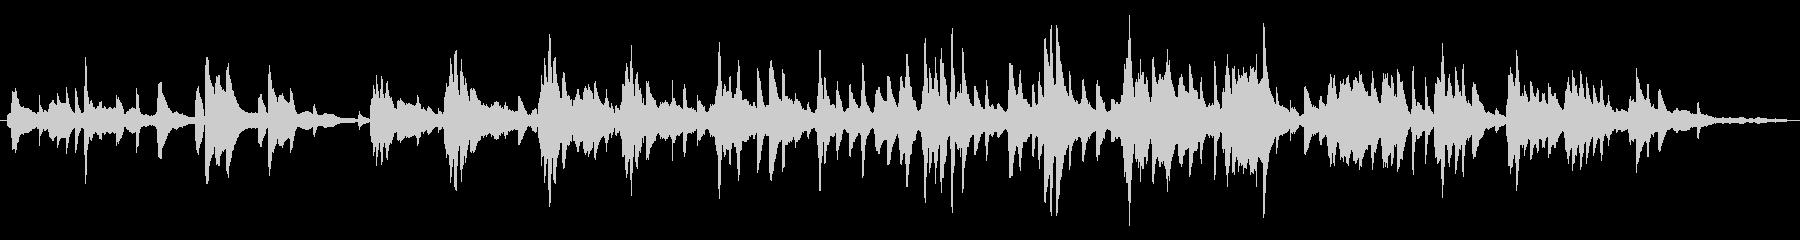 オリエンタル/優雅/ピアノ生演奏の未再生の波形